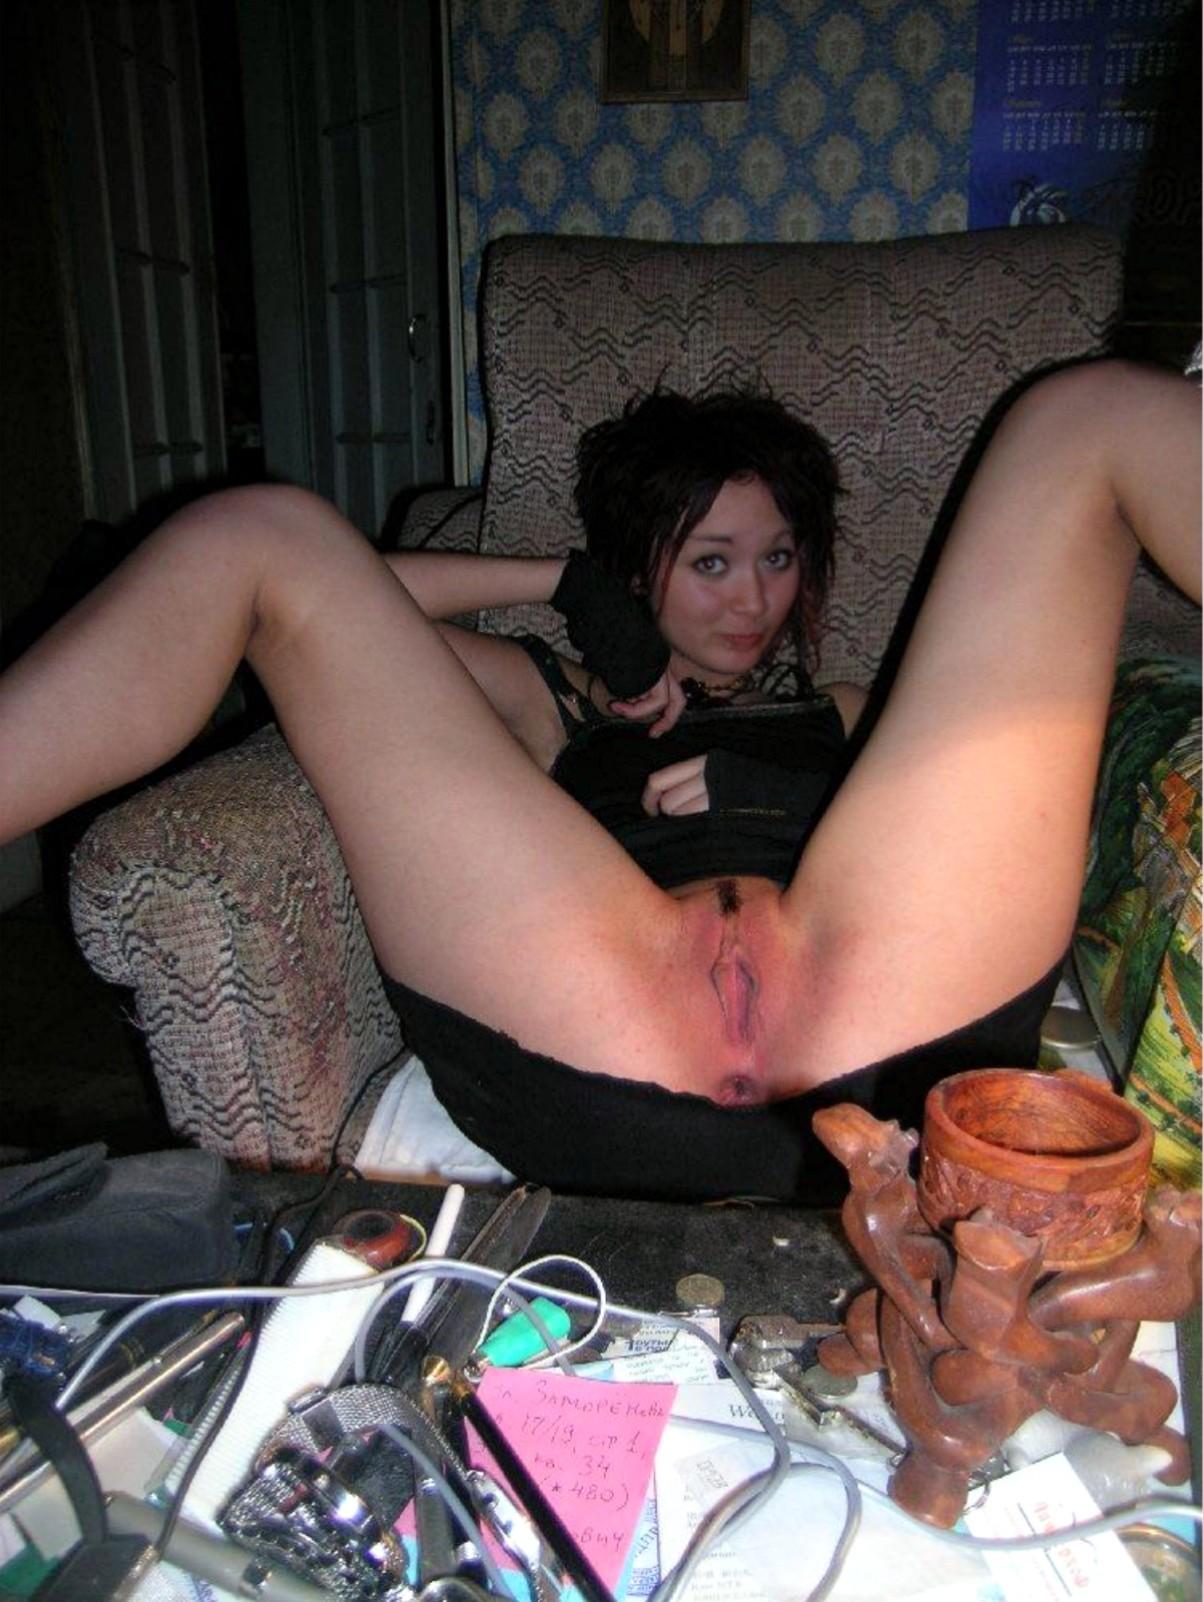 Частное порно фото кавказских девушек 1 фотография